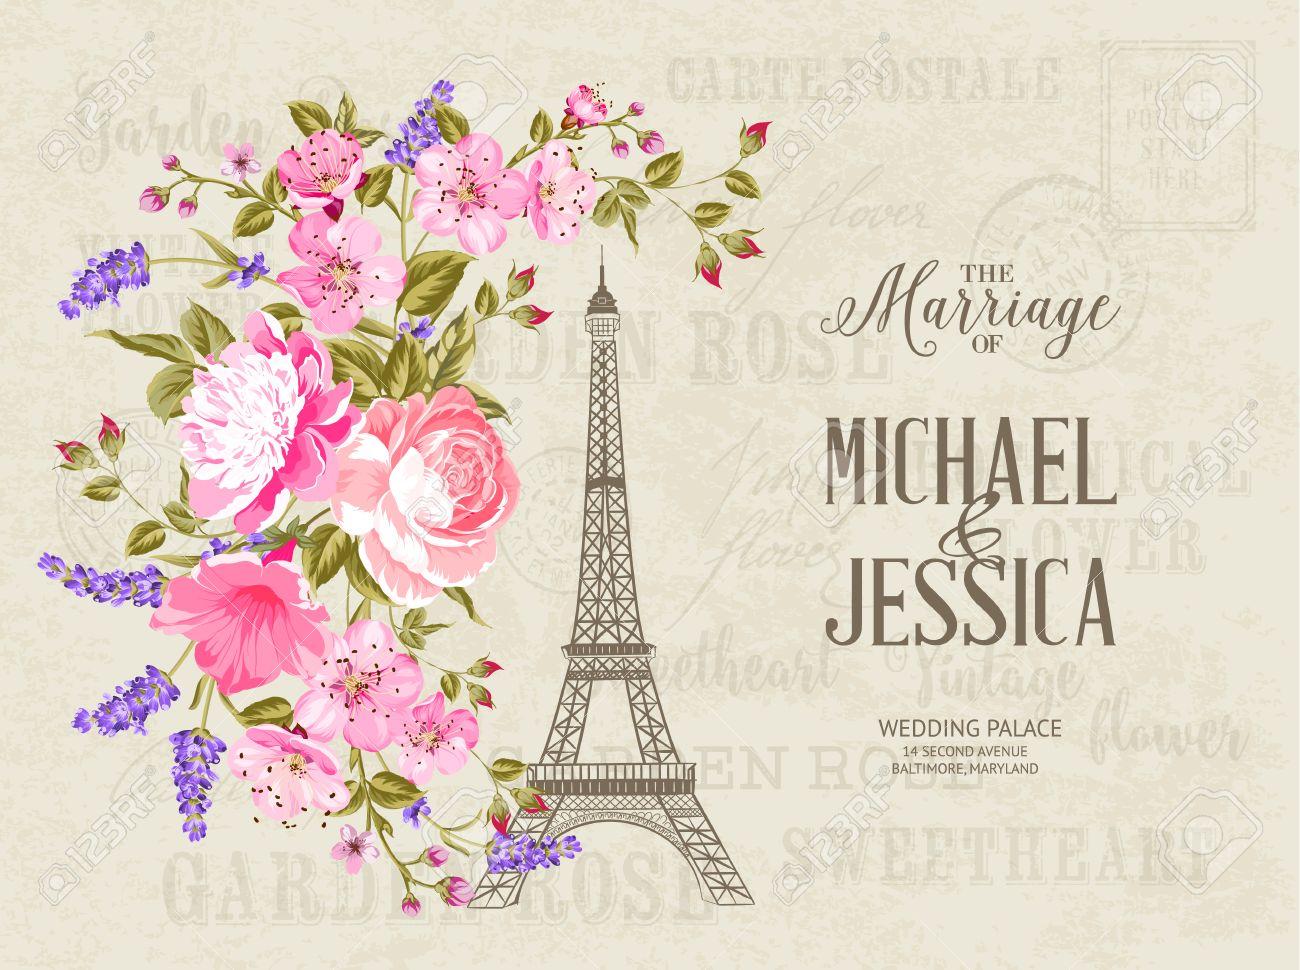 La Tarjeta De Matrimonio Plantilla De Tarjeta De Invitación De La Boda Simbol Torre Eiffel Con La Primavera Que Florece Las Flores Sobre El Modelo